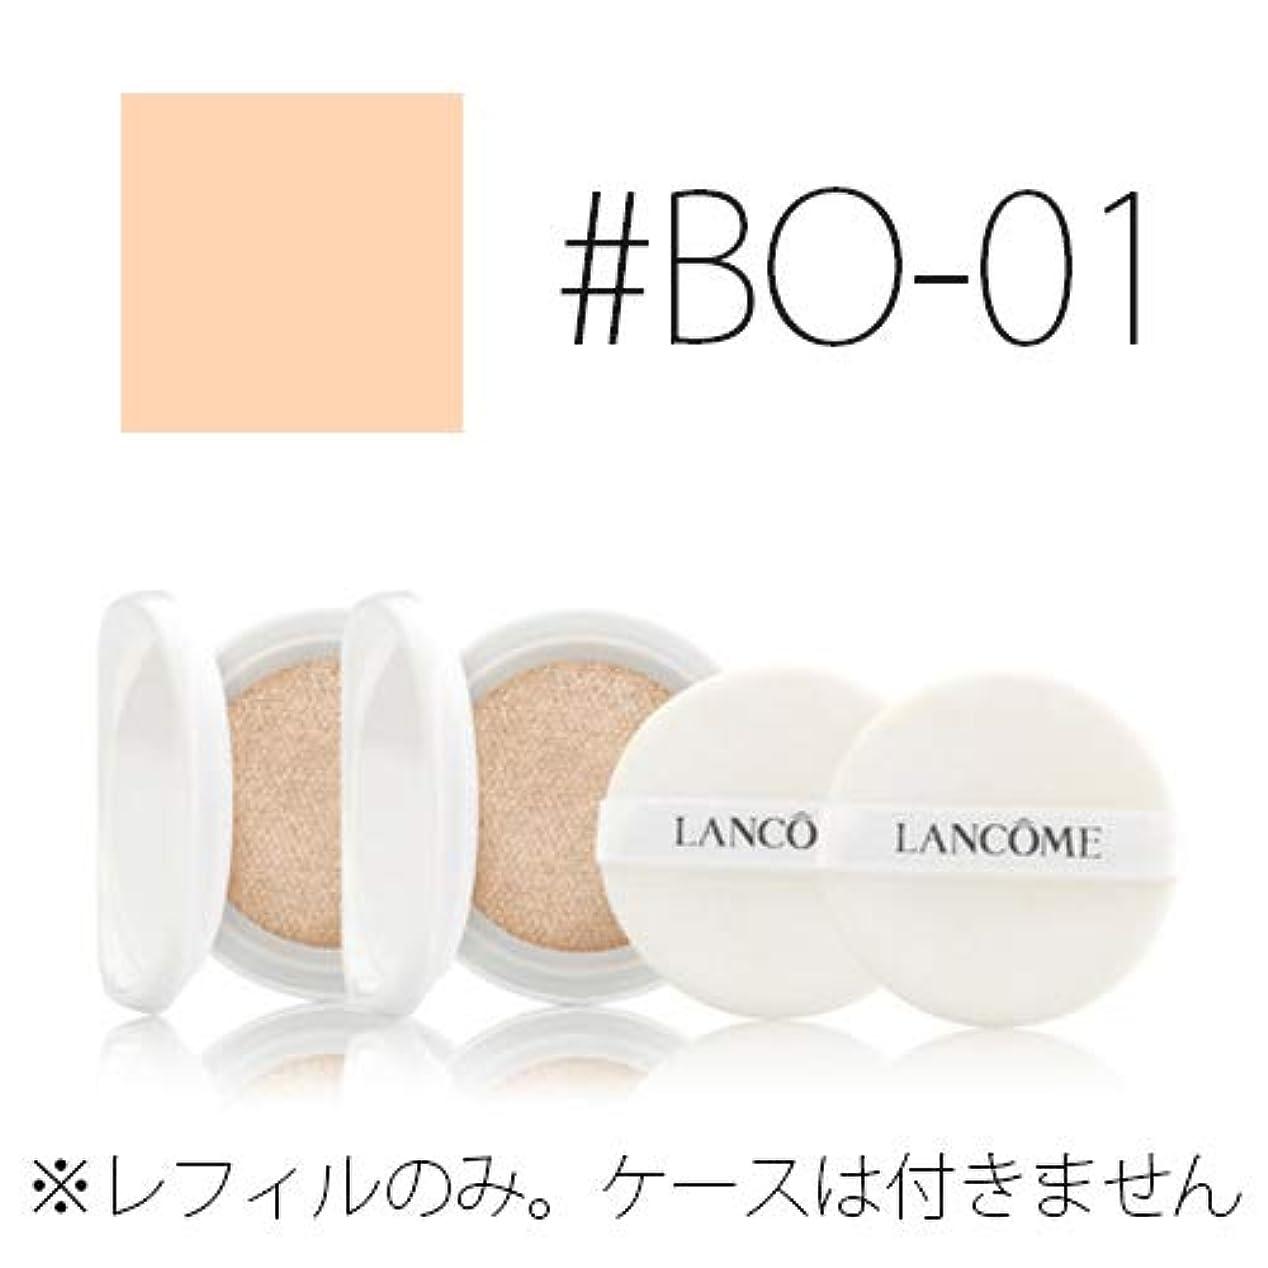 概要衝撃一時的ランコム ブラン エクスペール クッションコンパクト H レフィル(2個入り)【#BO-01】 #BO-01 SPF50+/PA+++ 13g×2